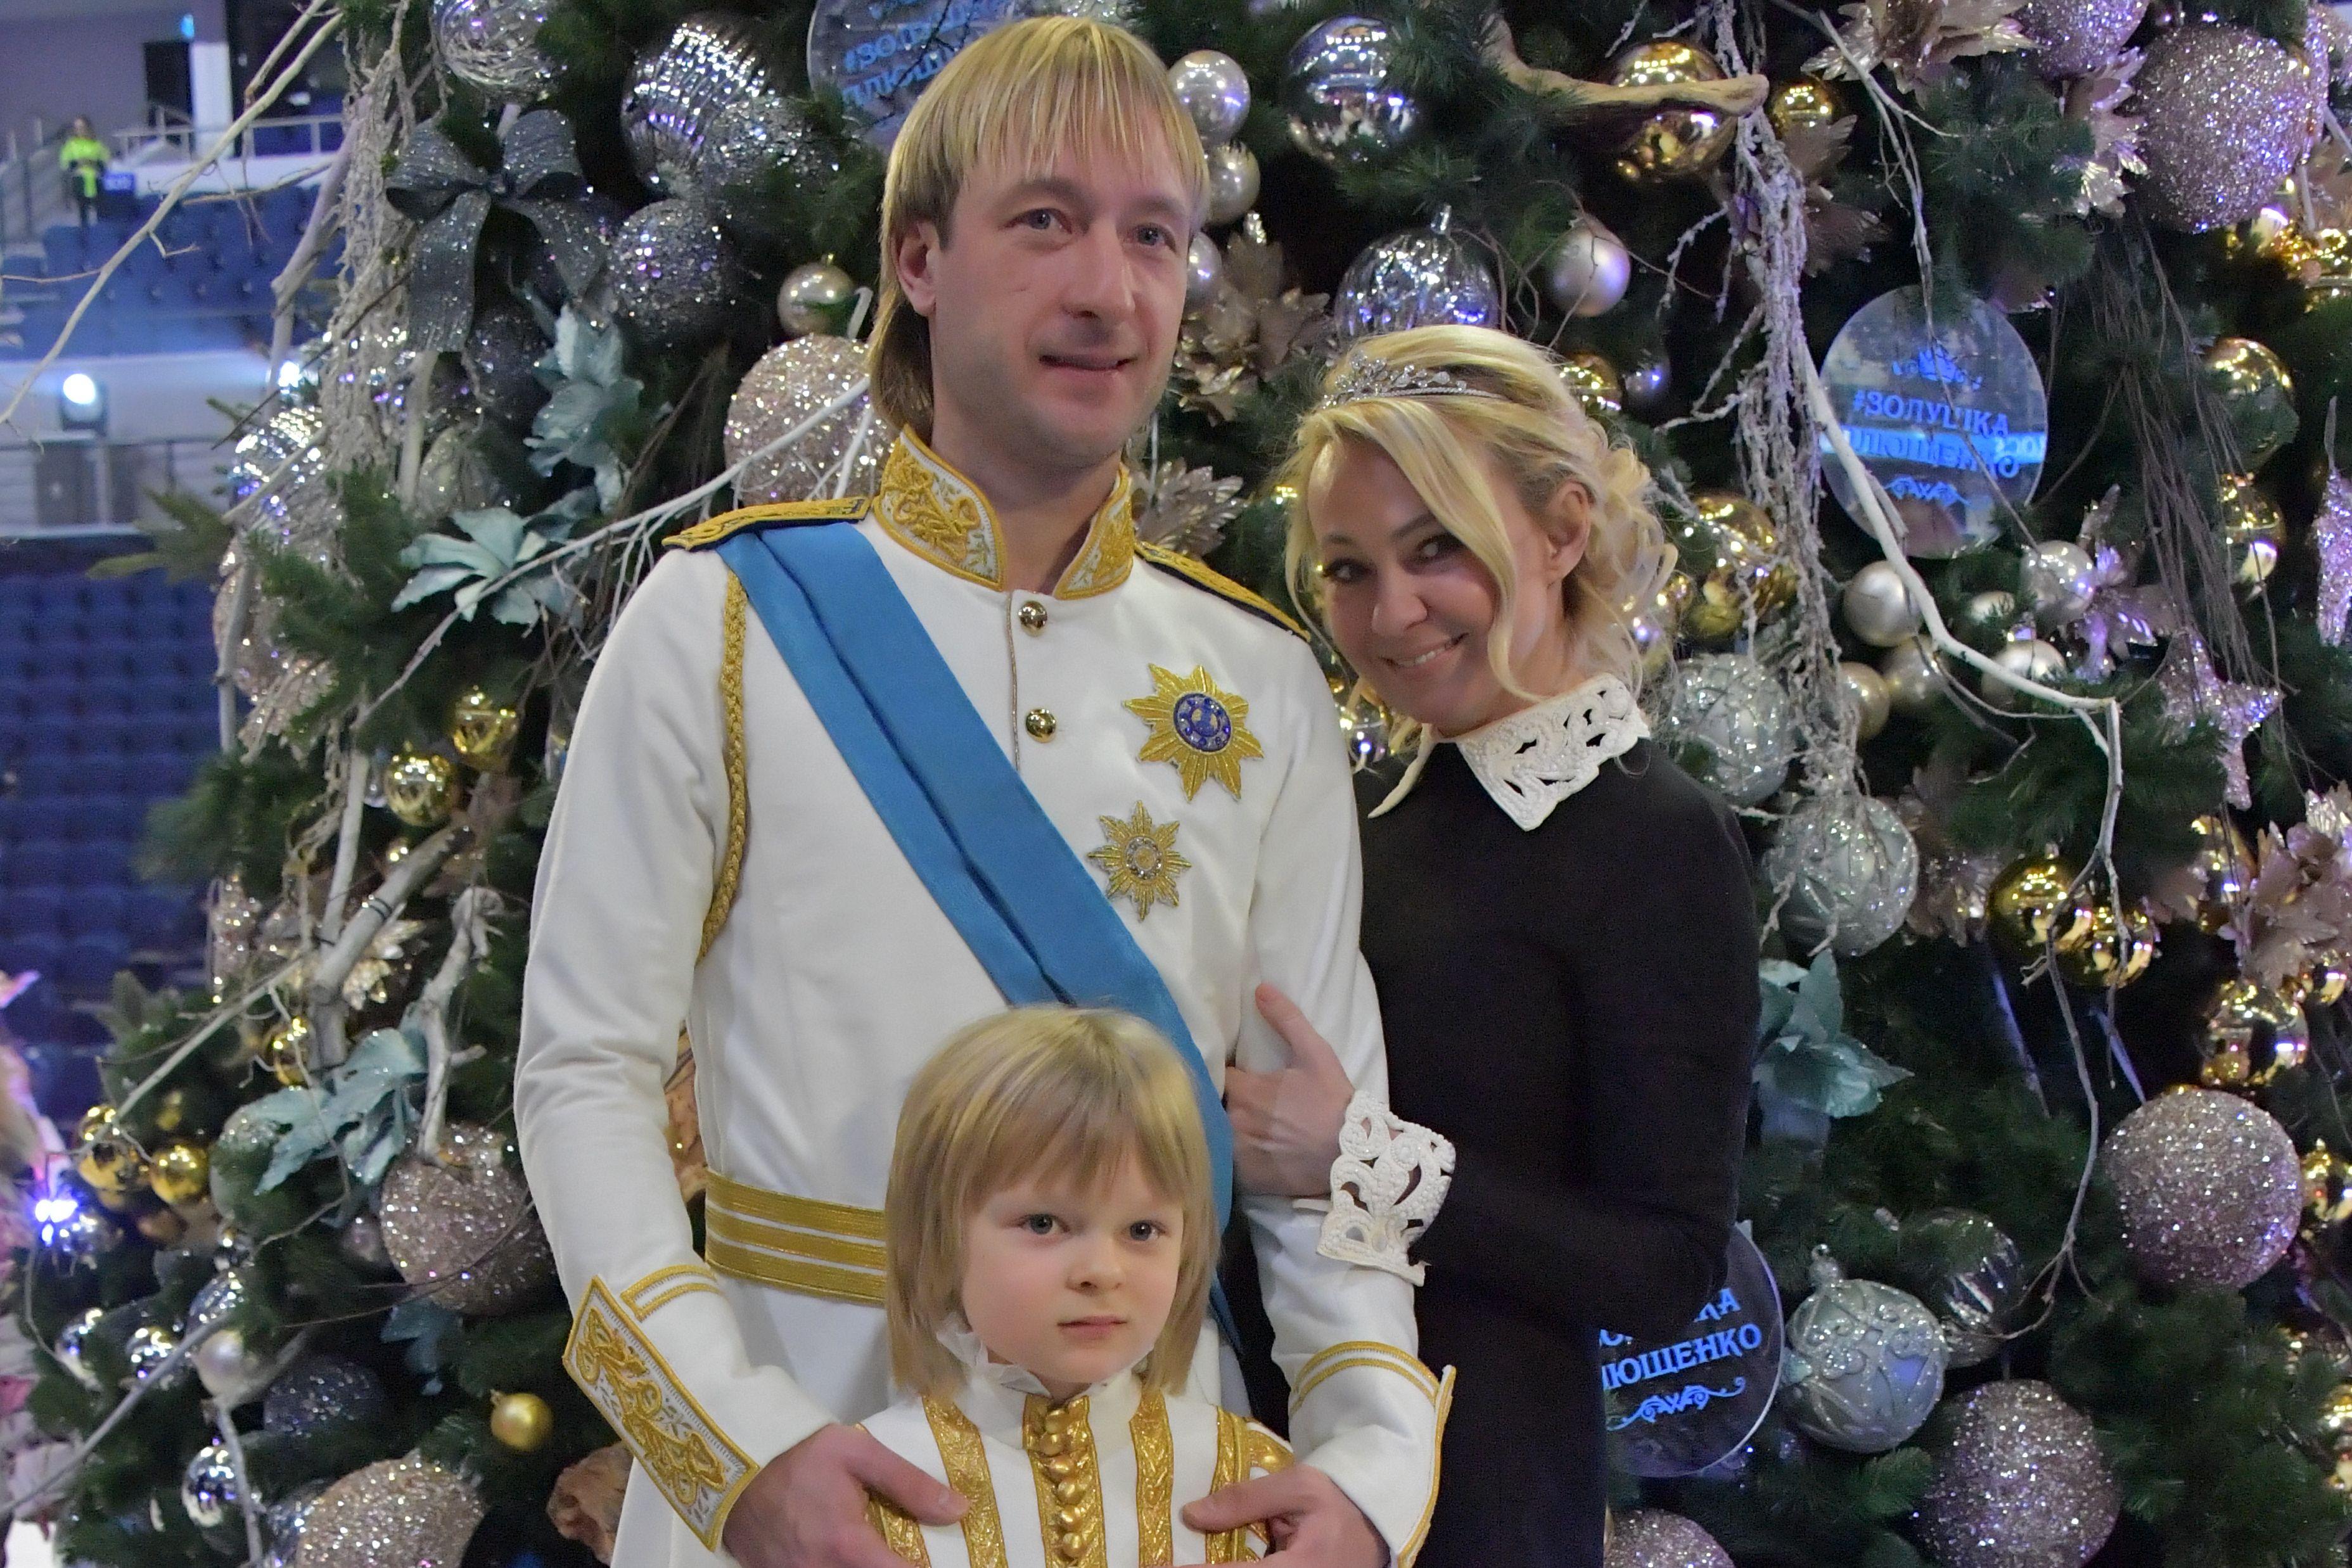 Вероника и Алёна Жилины искупались в бассейне вместе с сыном Плющенко. ВИДЕО